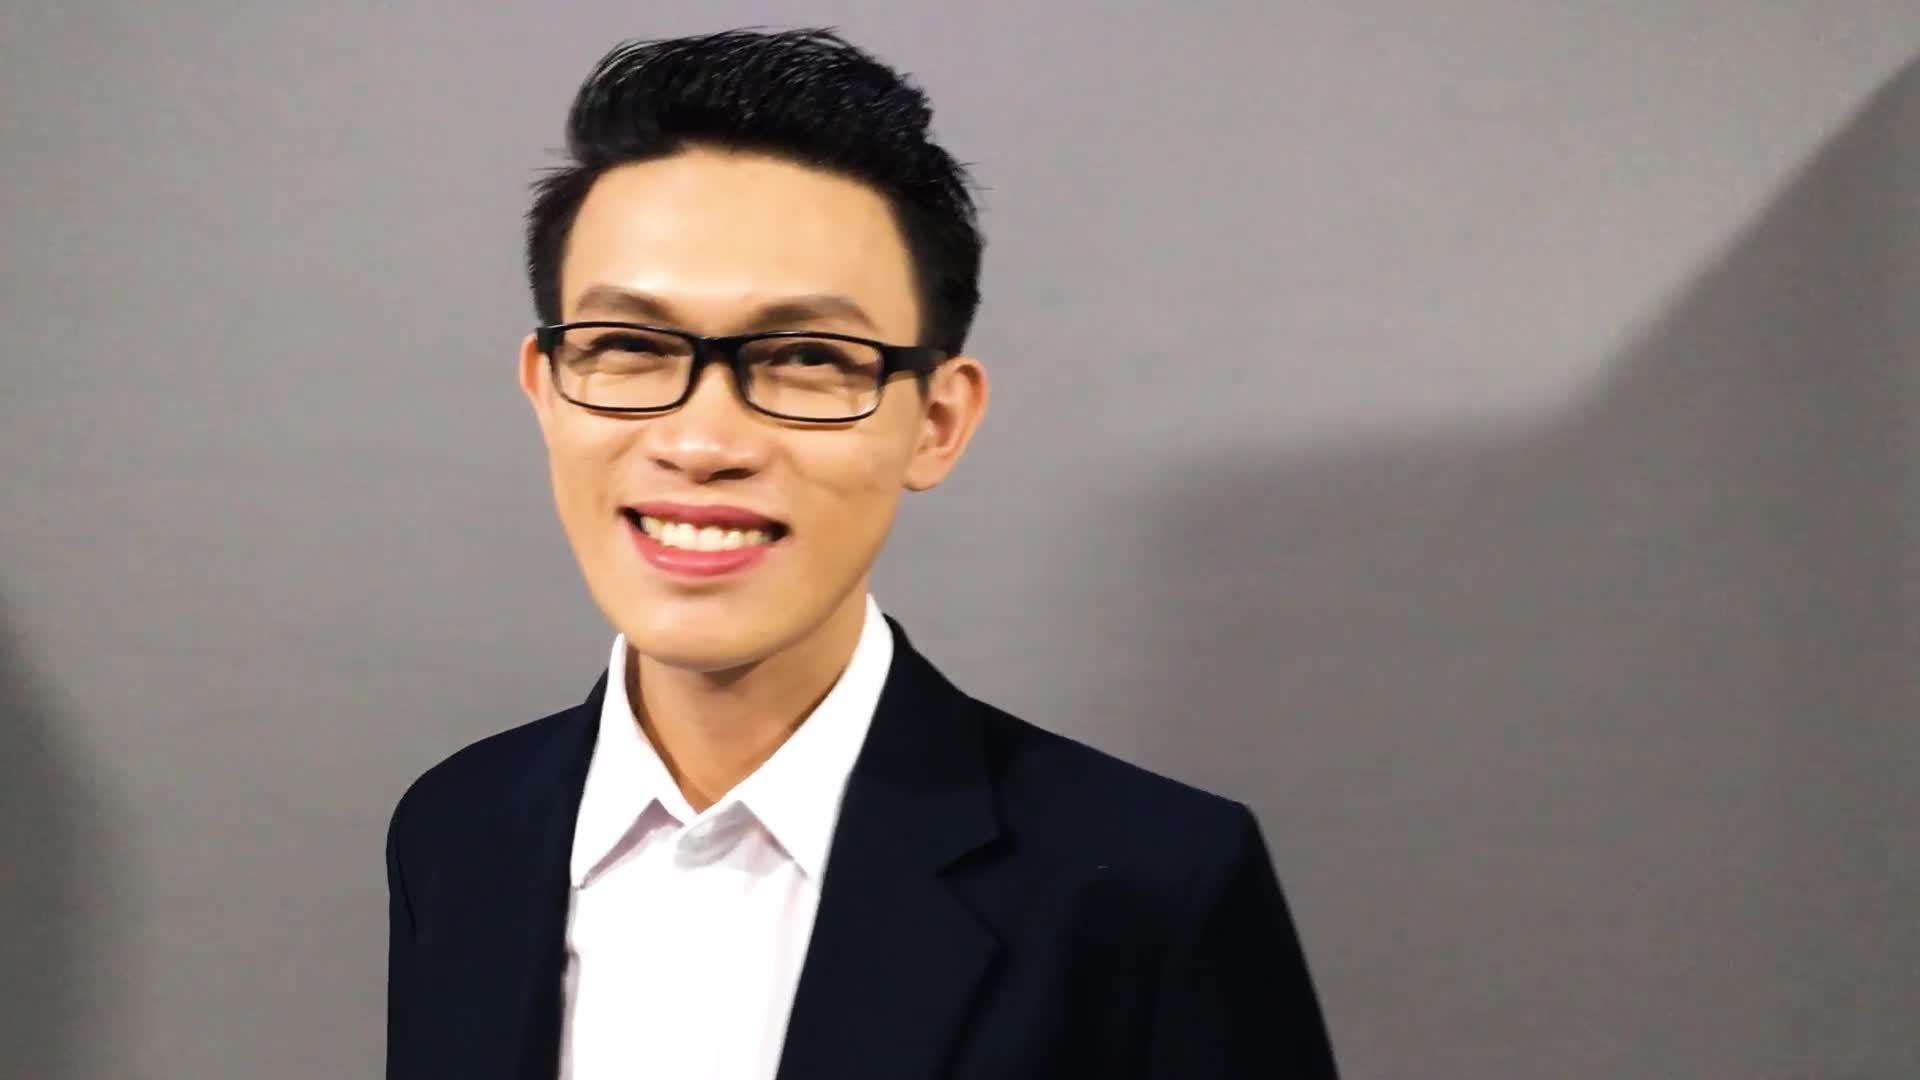 Ca cắt dời hai hàm giúp chàng trai Ninh Thuận 'lột xác' ngoại hình